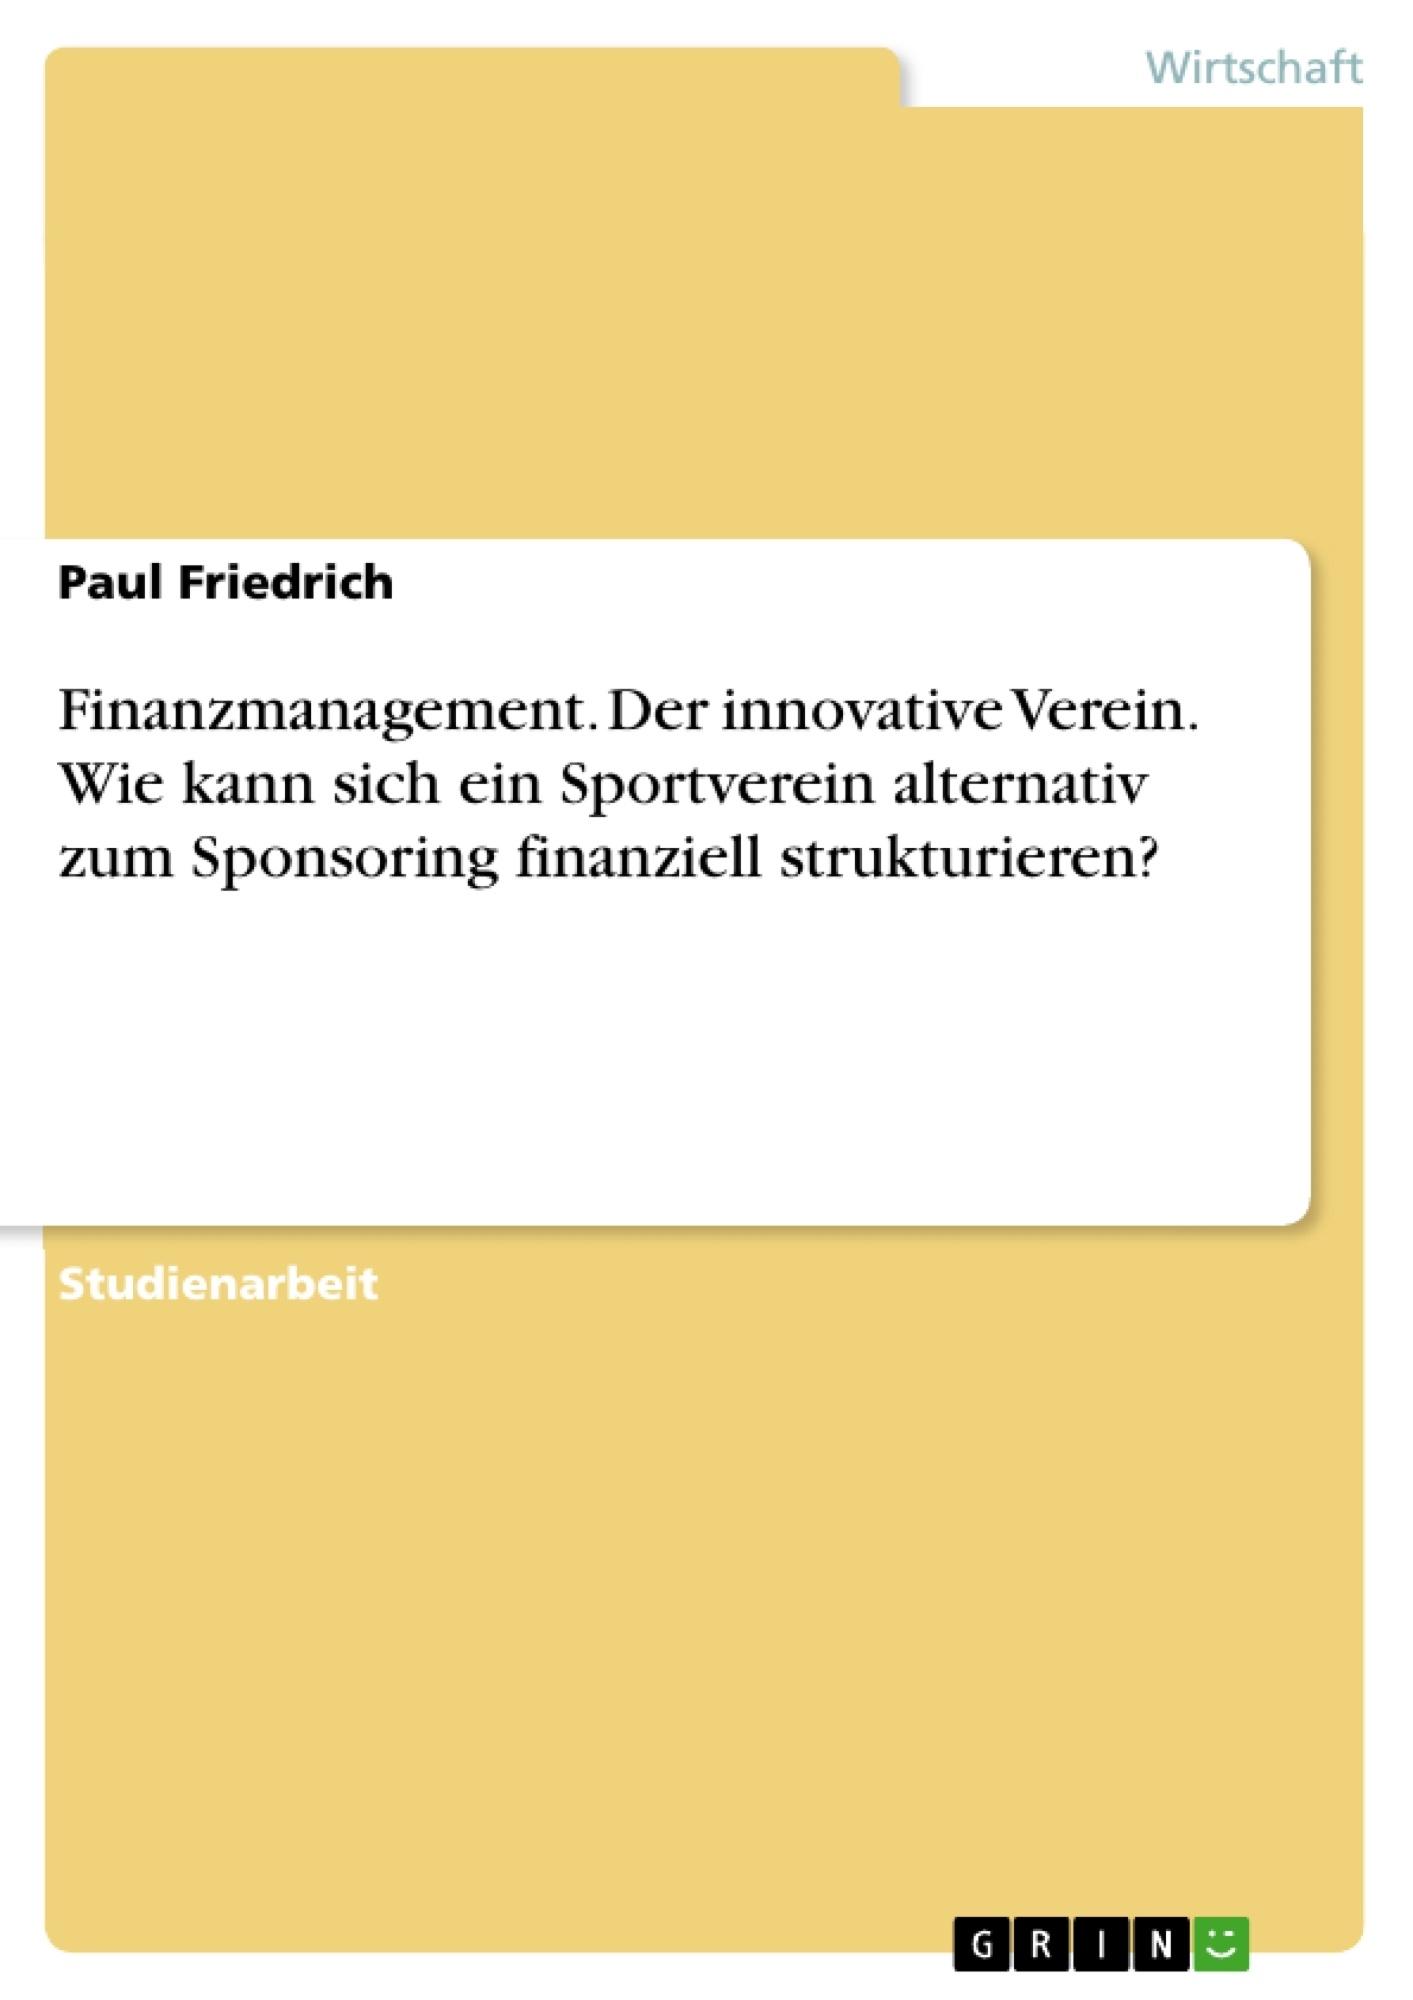 Titel: Finanzmanagement. Der innovative Verein. Wie kann sich ein Sportverein alternativ zum Sponsoring finanziell strukturieren?